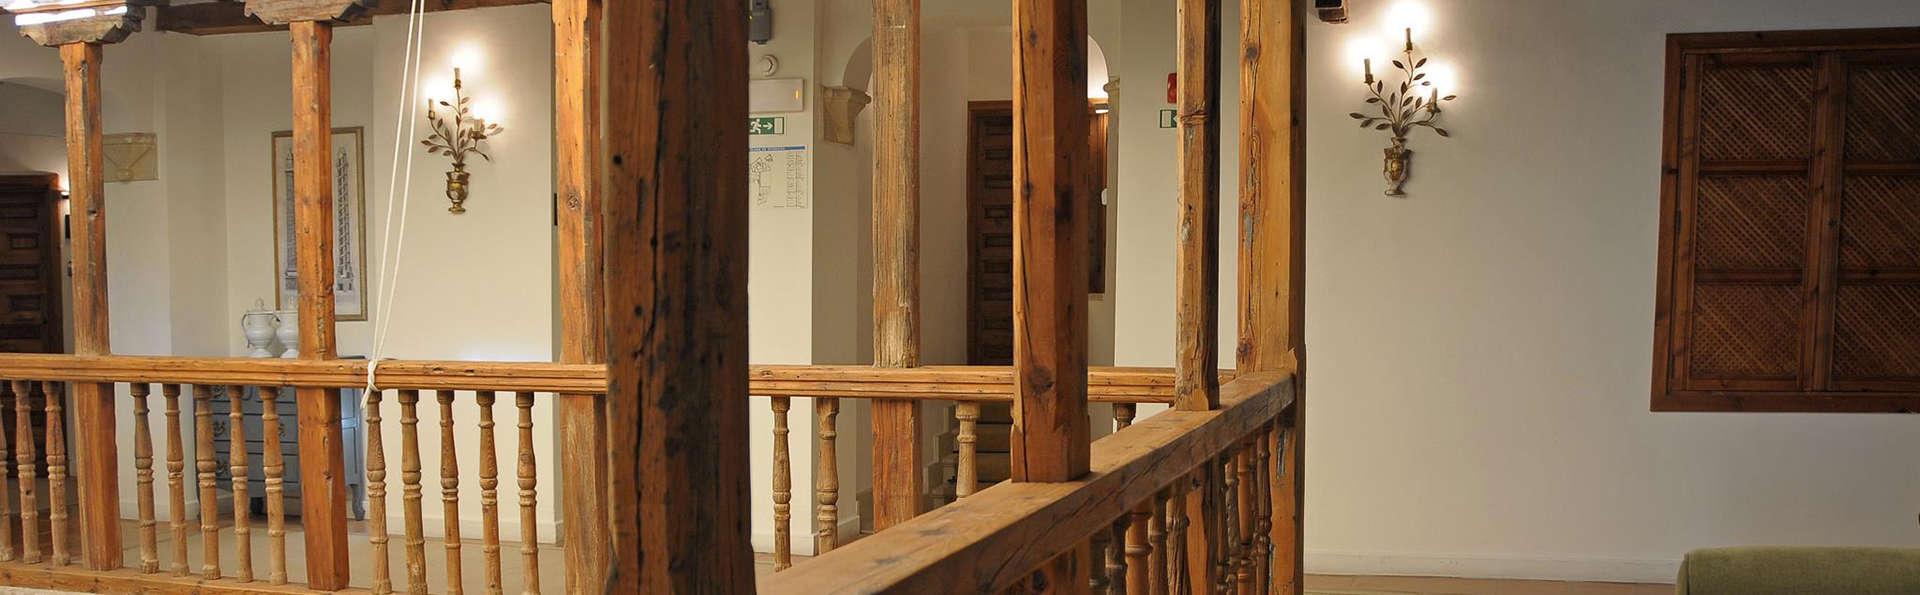 Hotel Puerta de la Luna - edit_hall.jpg